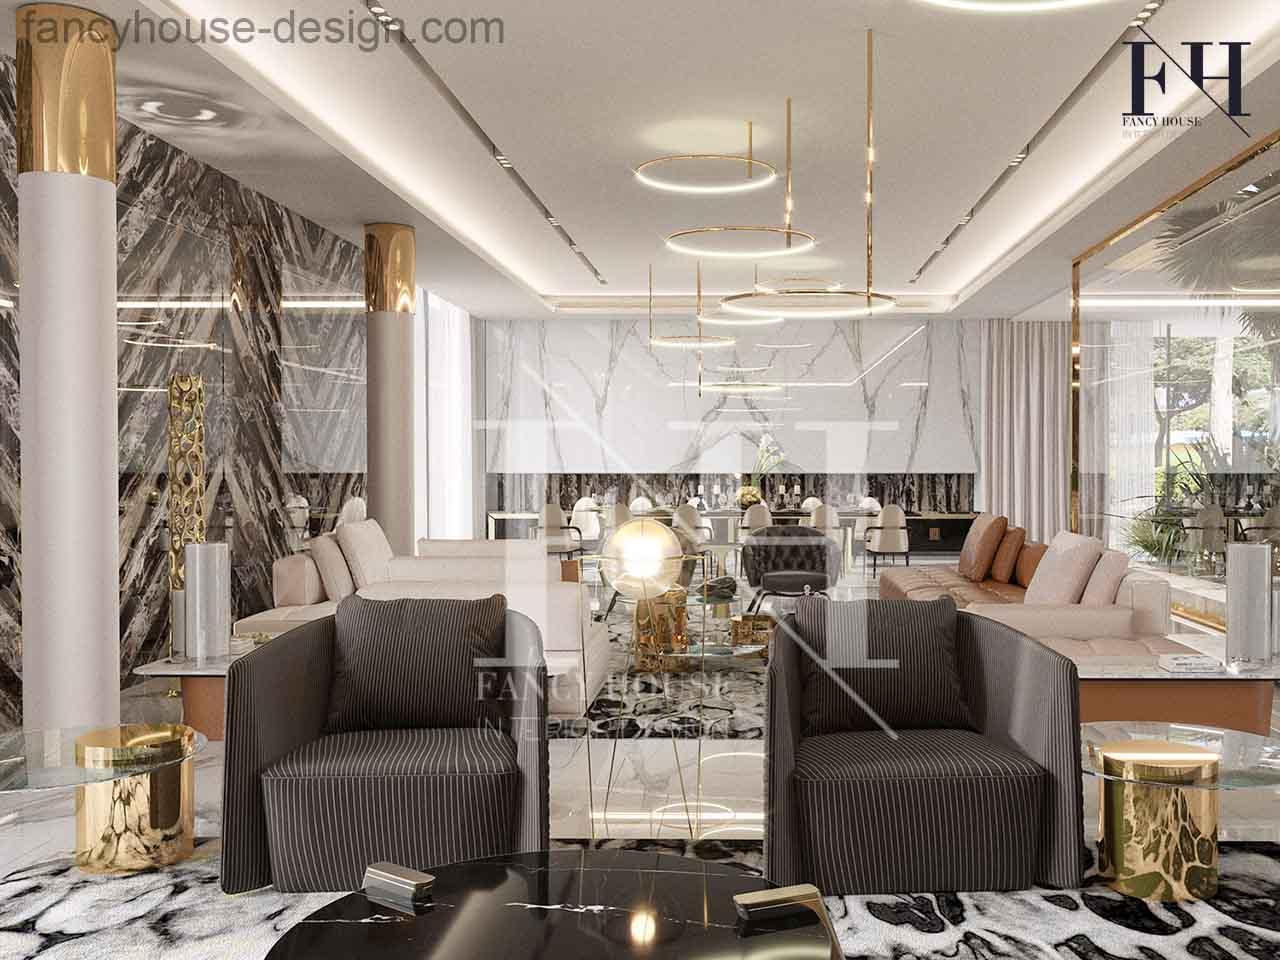 Interior Design Dubai Interior Designdecoration Companies In Dubai Uae